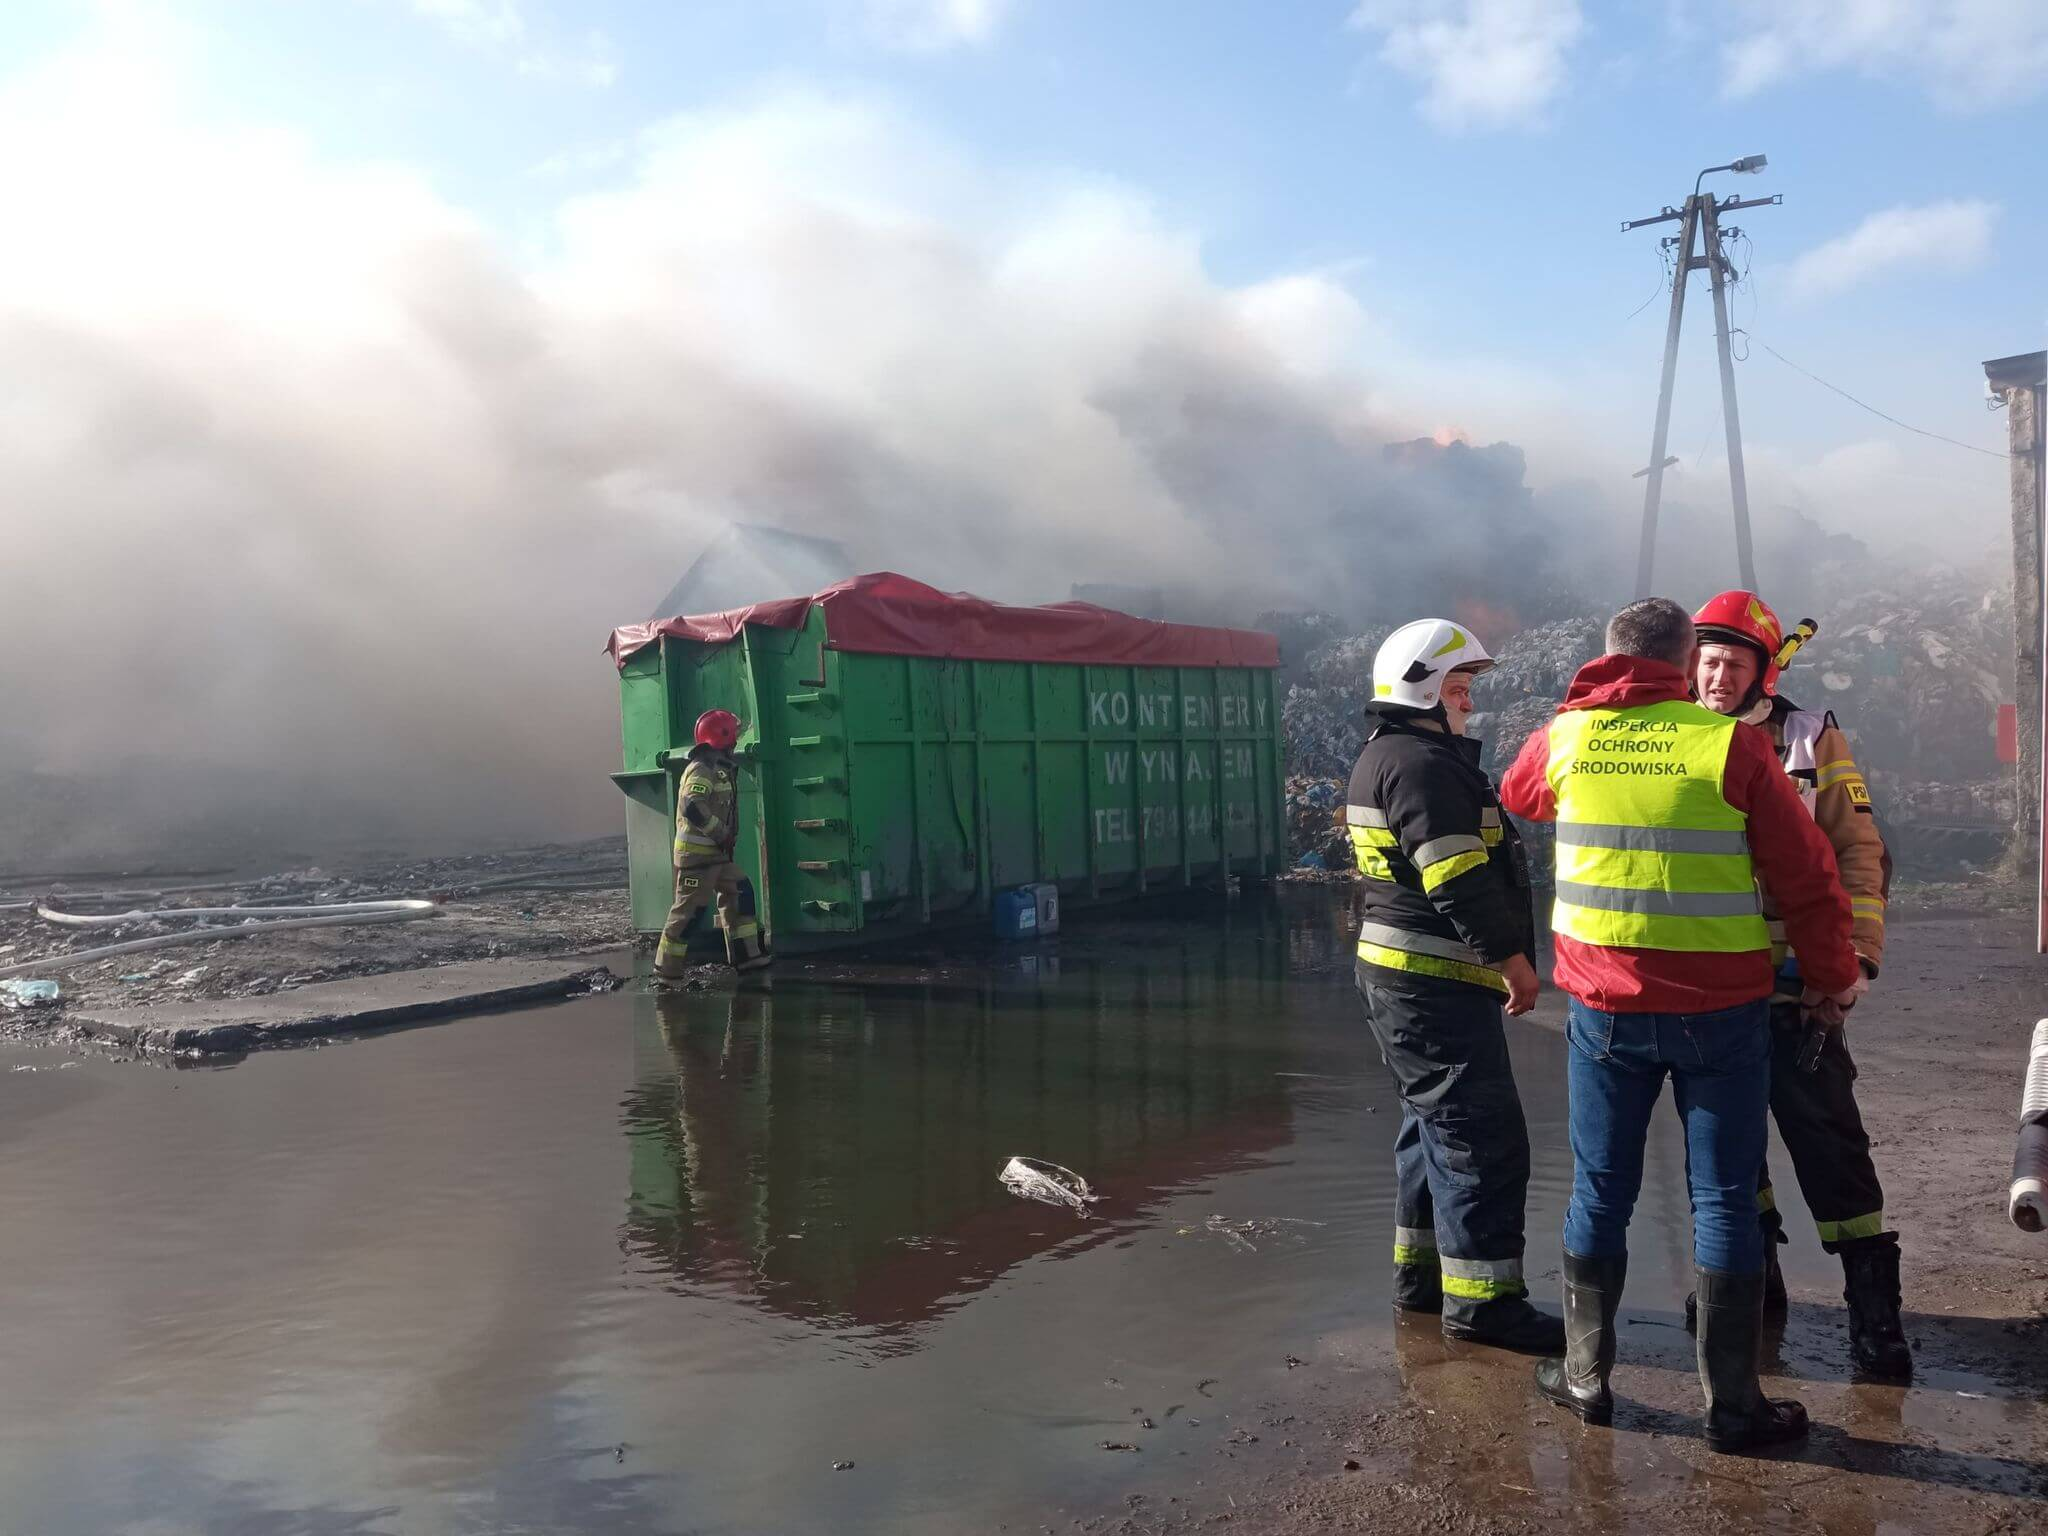 Pożar składowiska odpadów w m. Łowiczek